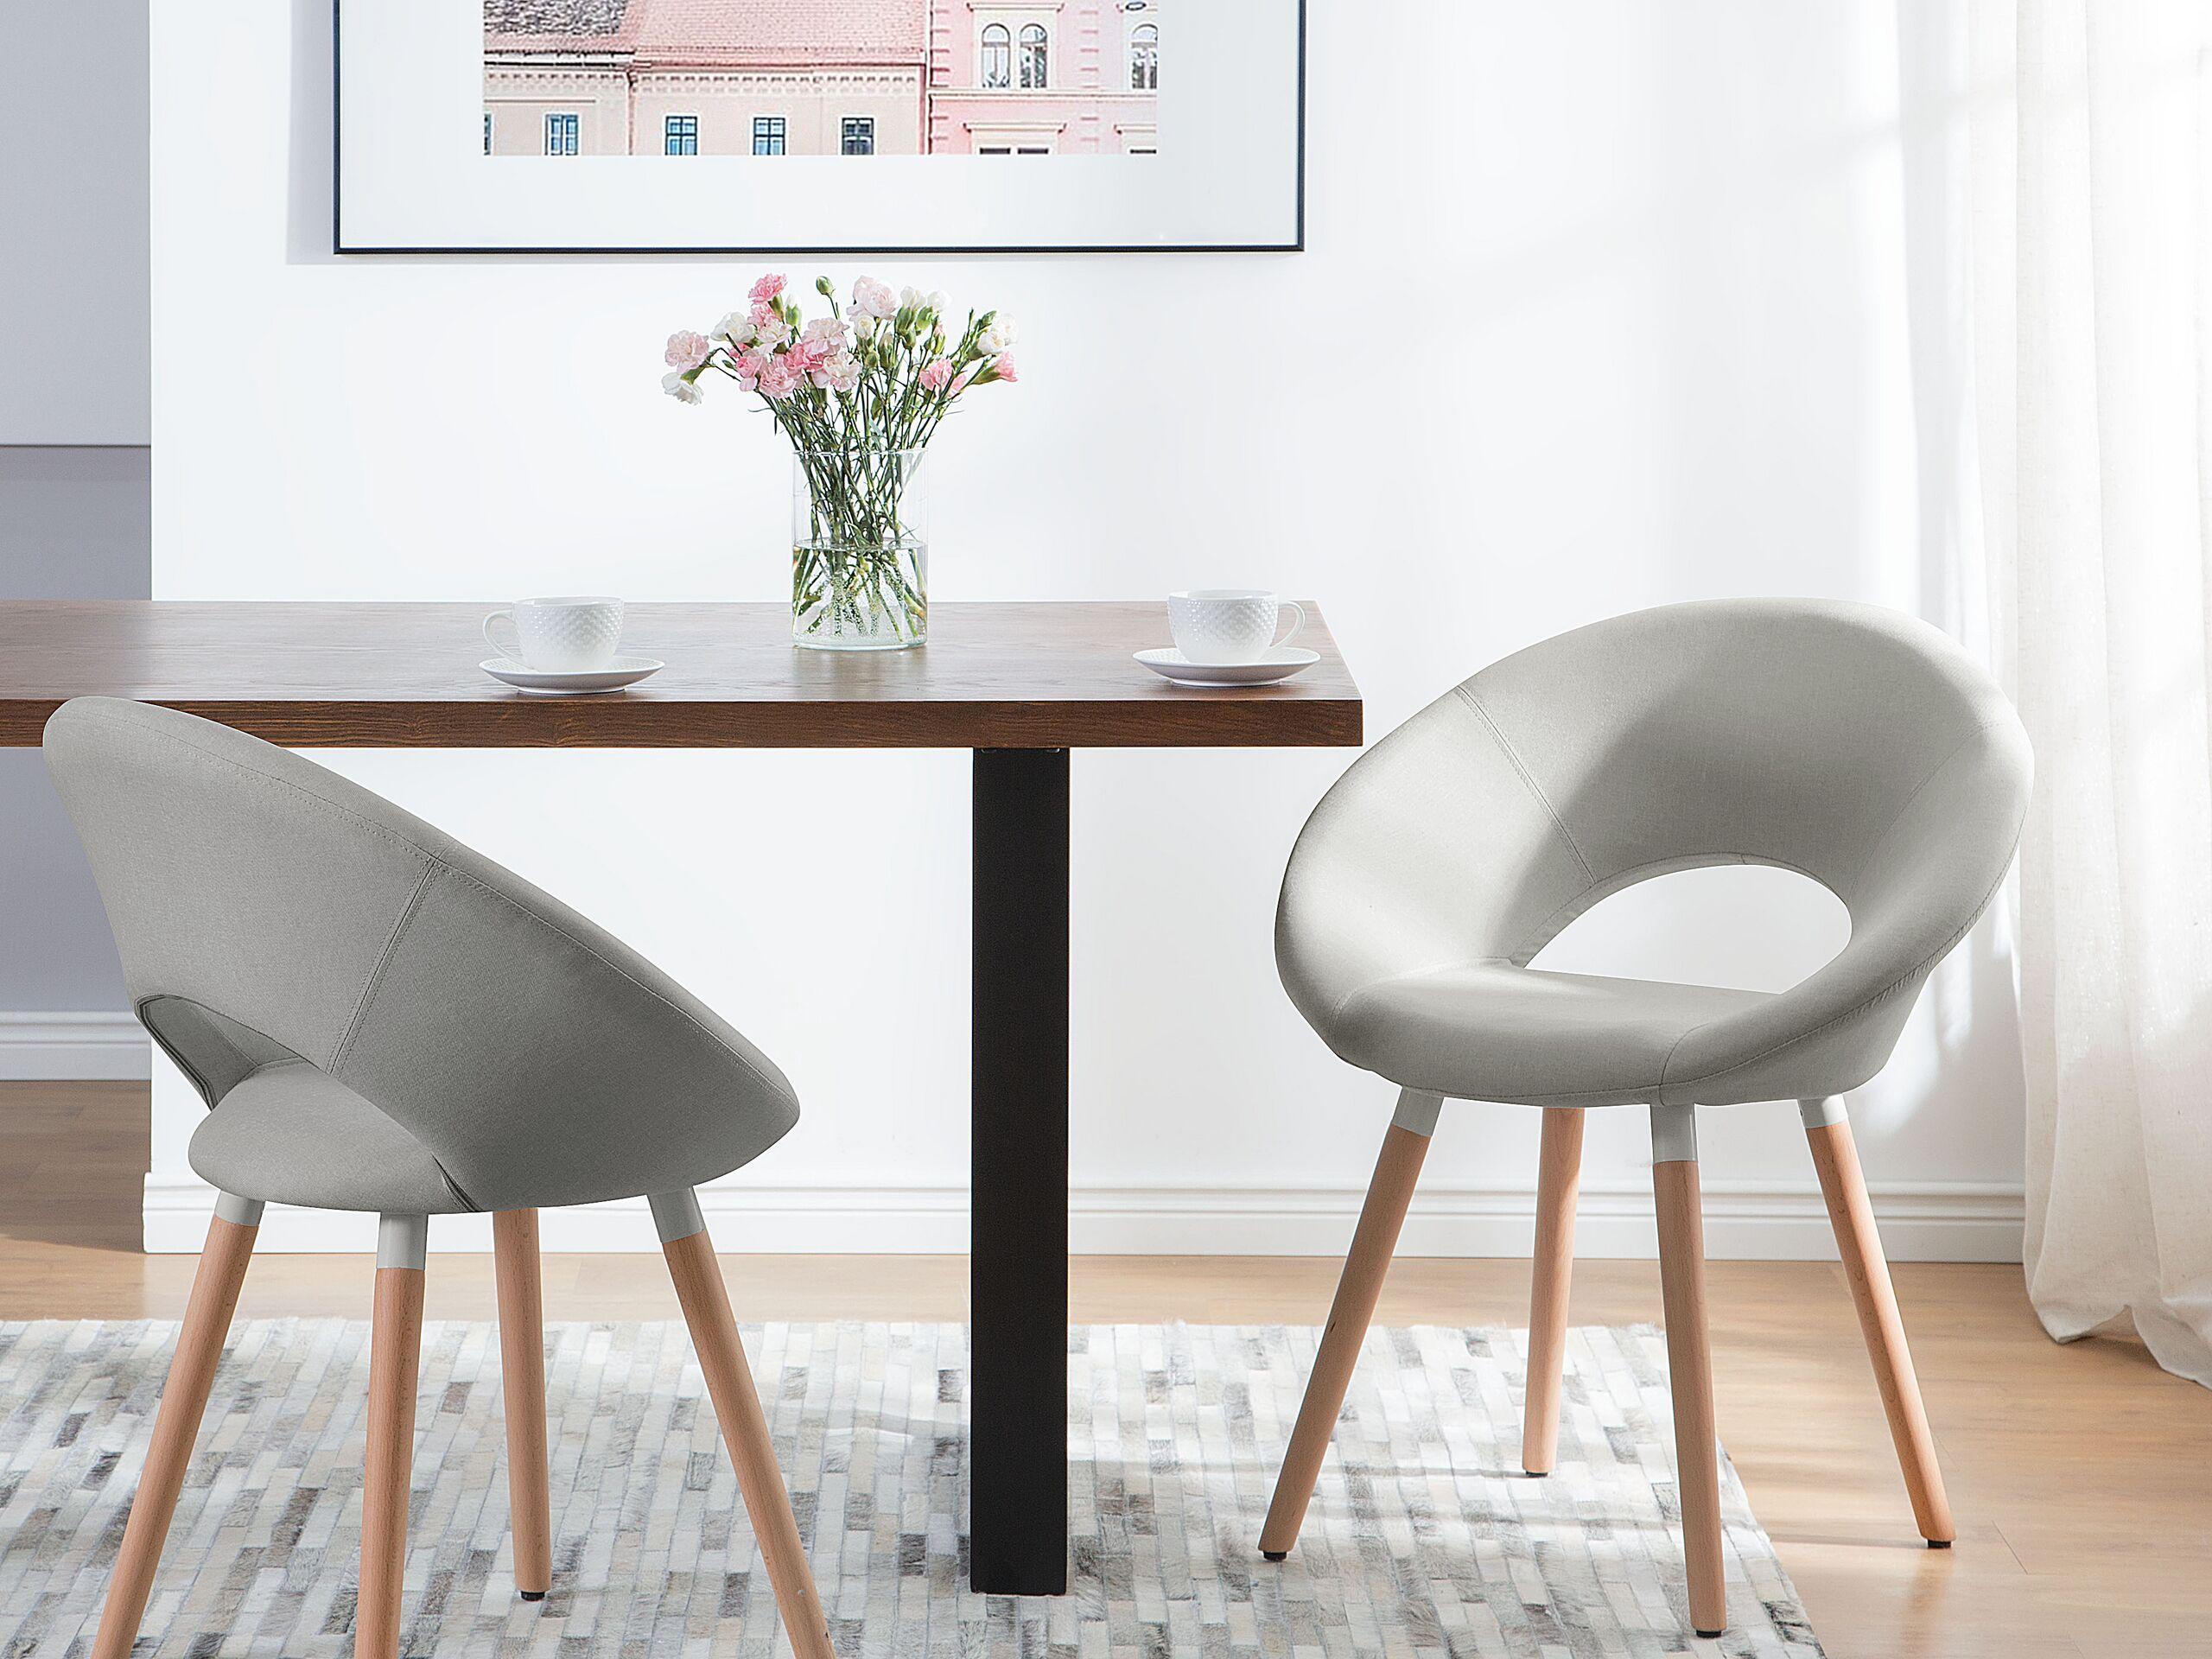 Lot de 2 chaises design gris clair